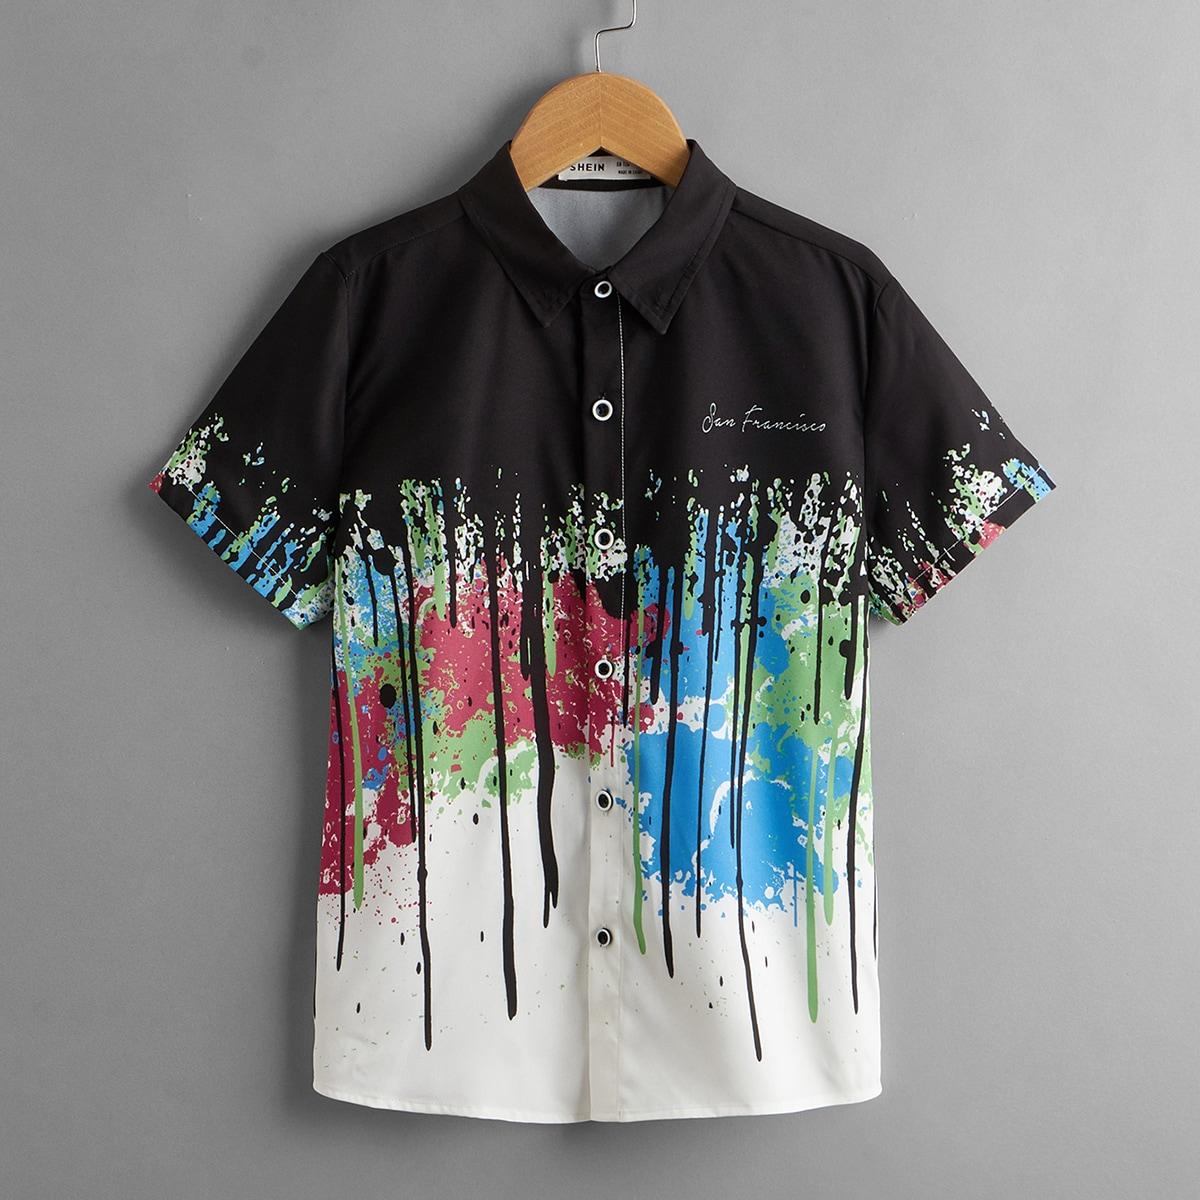 для мальчиков Рубашка абстрактным принтом & с текстовым принтом